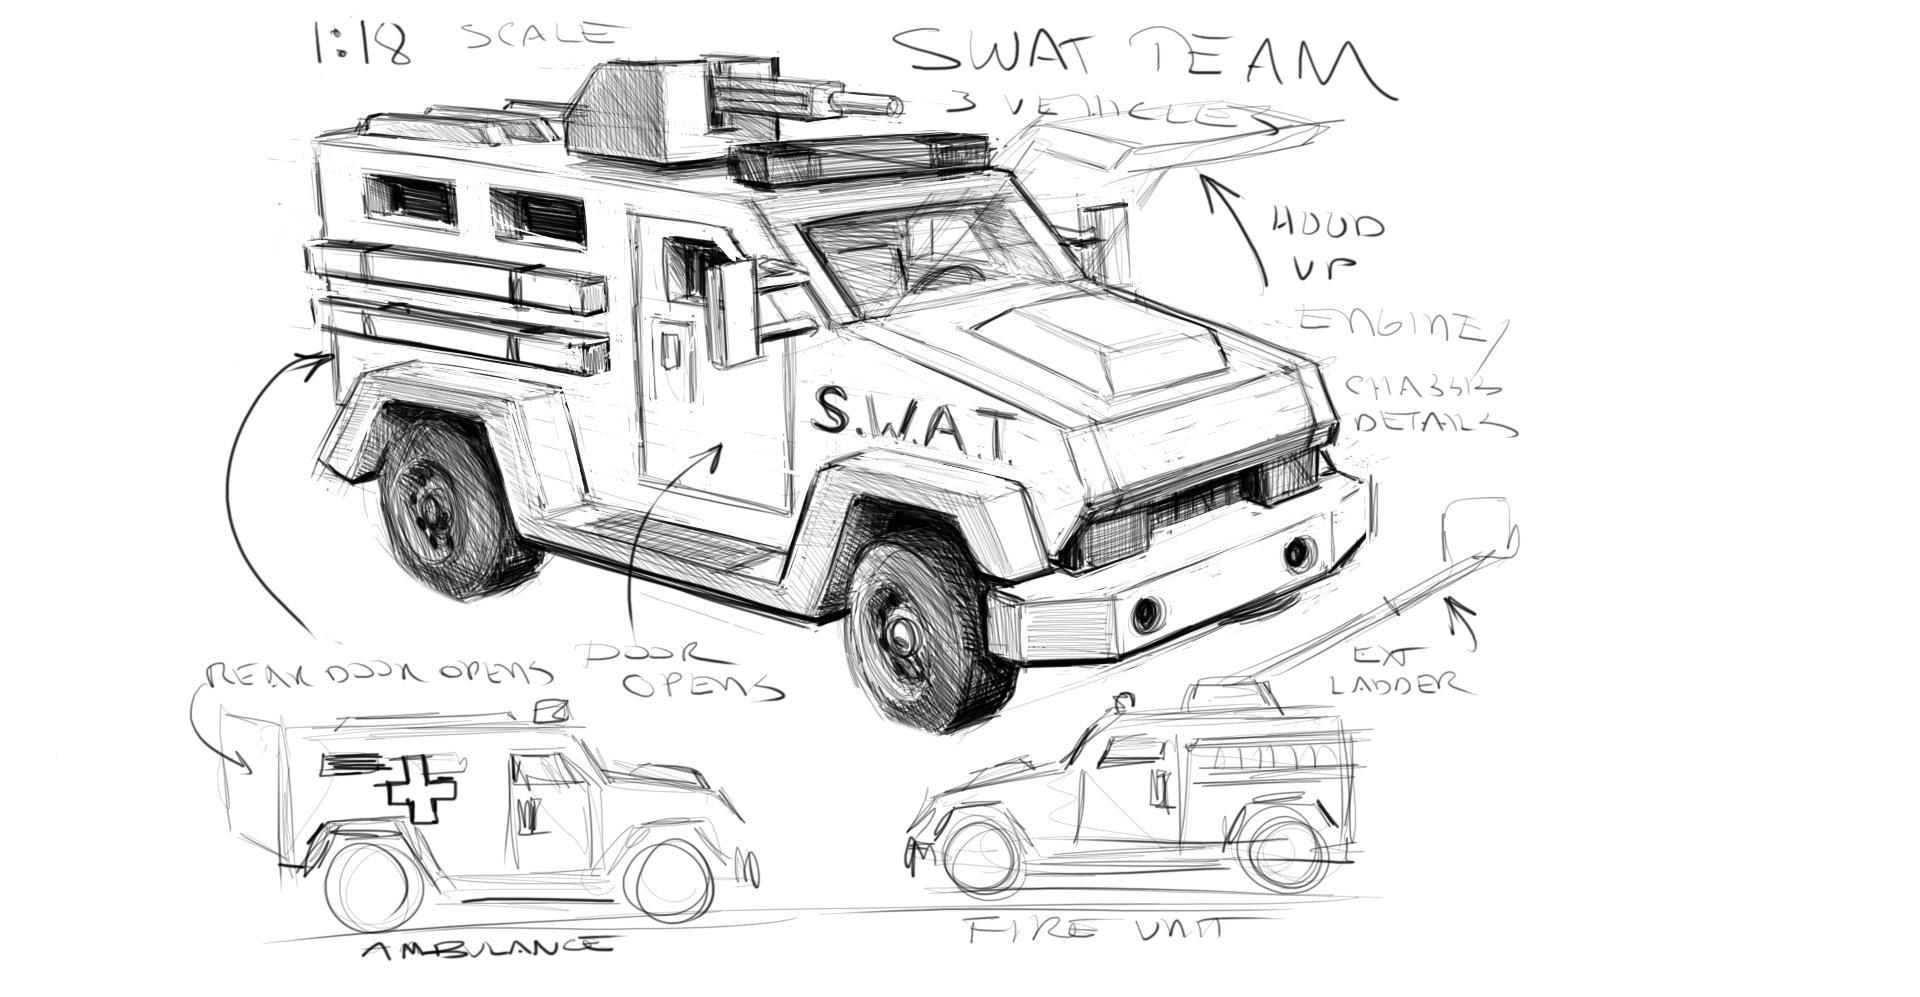 SWAT VEHICLE1.jpg